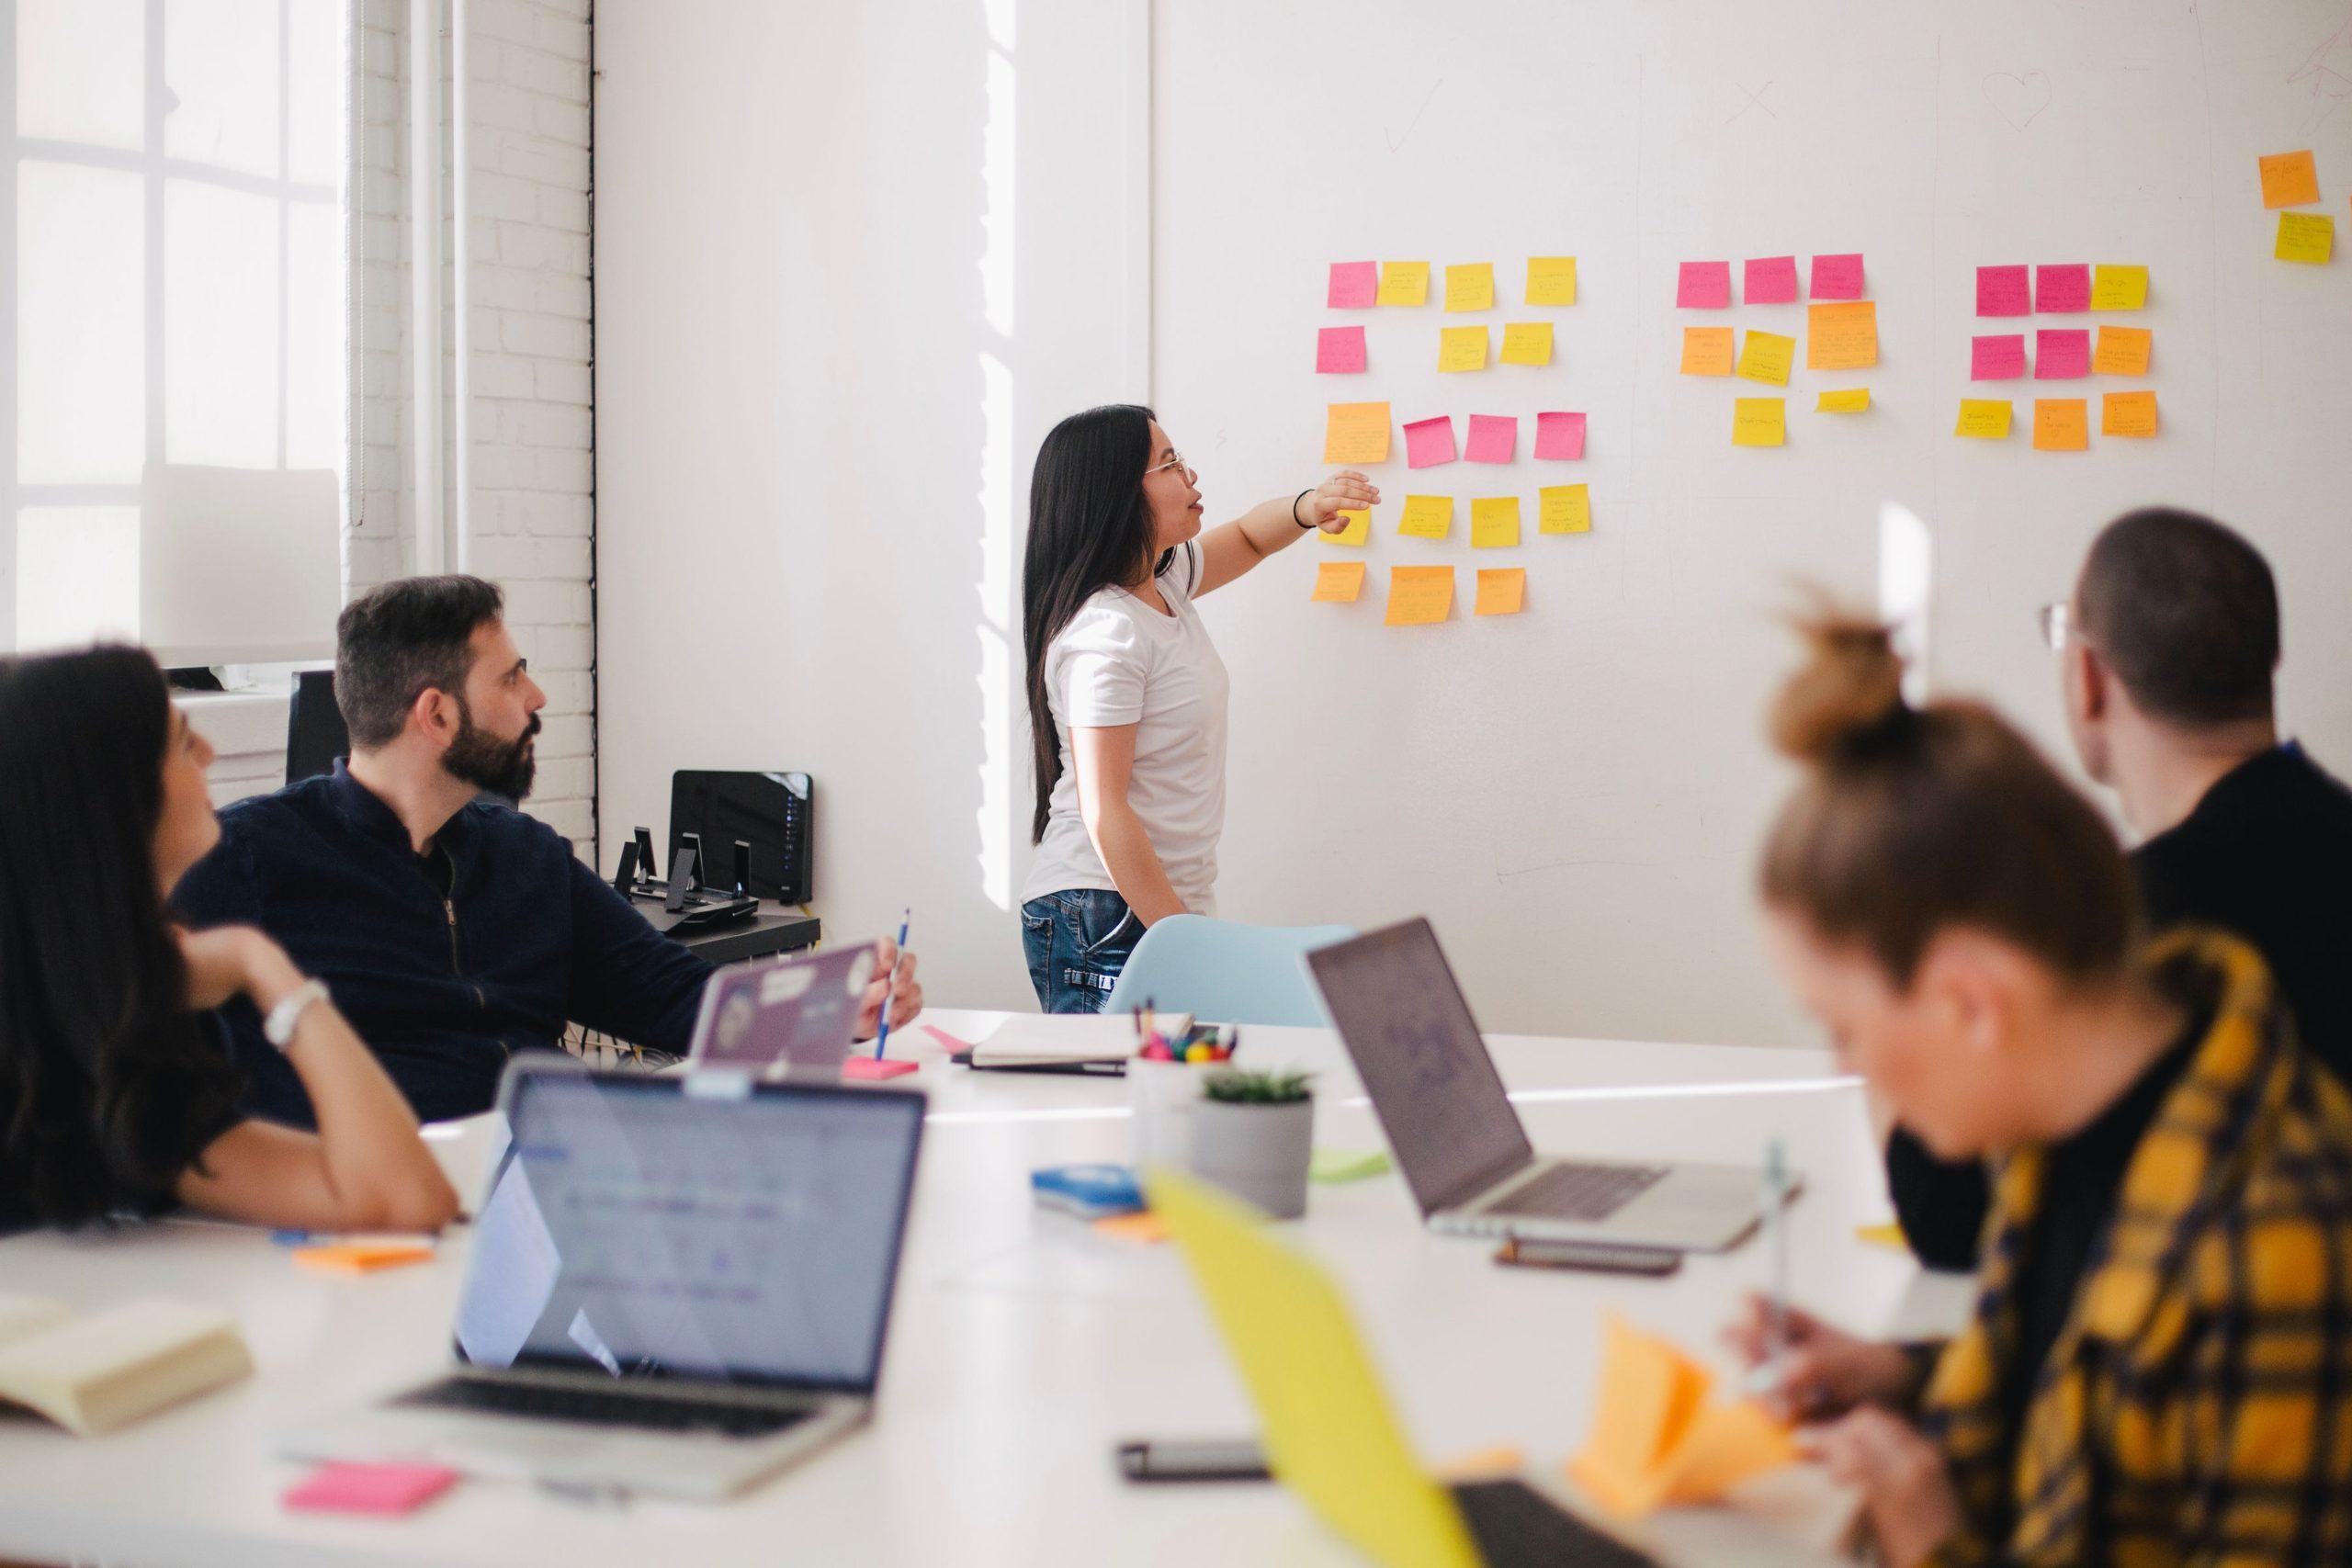 Des outils pour donner des cours ou faire des réunions en ligne